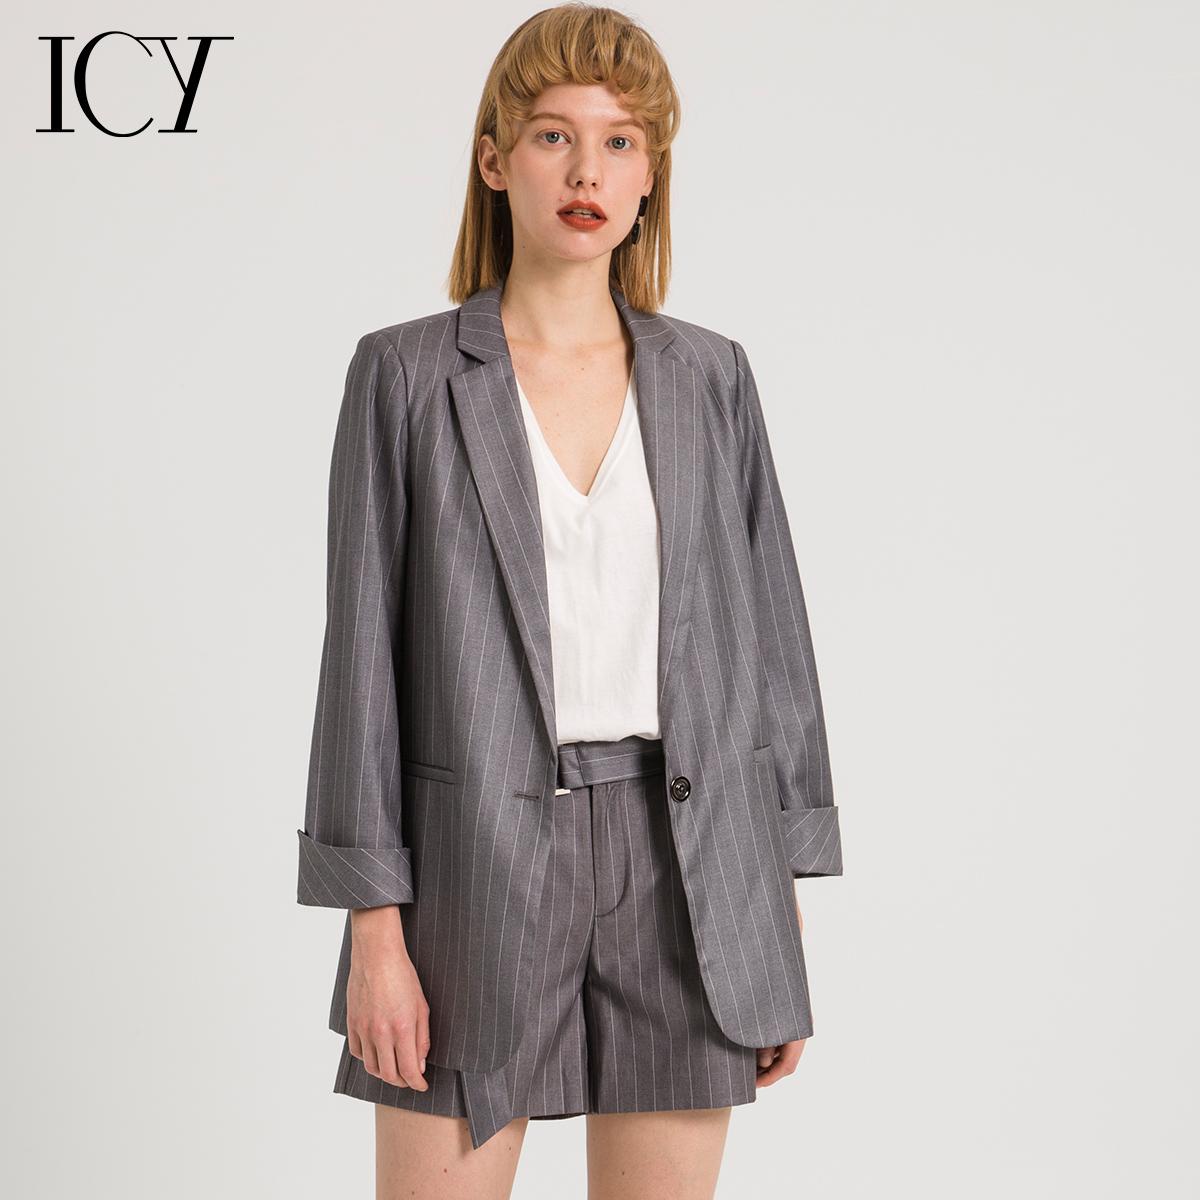 icy咪蒙同款秋装2018新款条纹仿真丝套装女西装欧货西服外套上衣